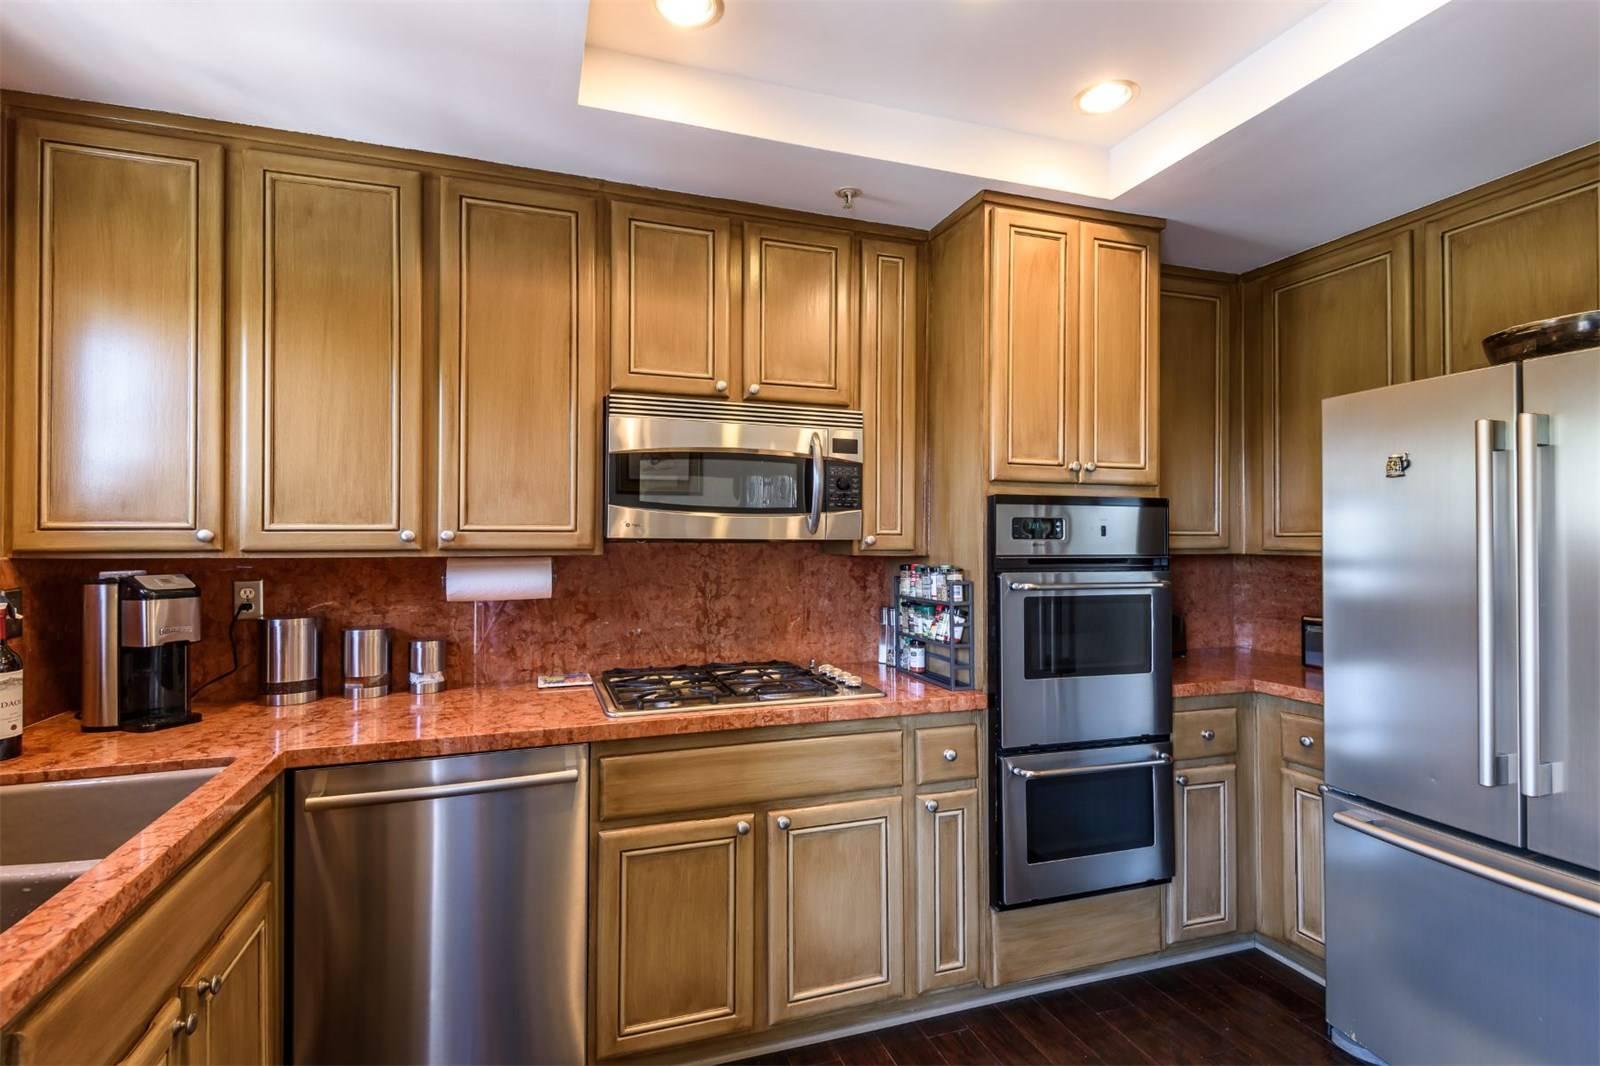 540 1st Street - kitchen 1.jpeg